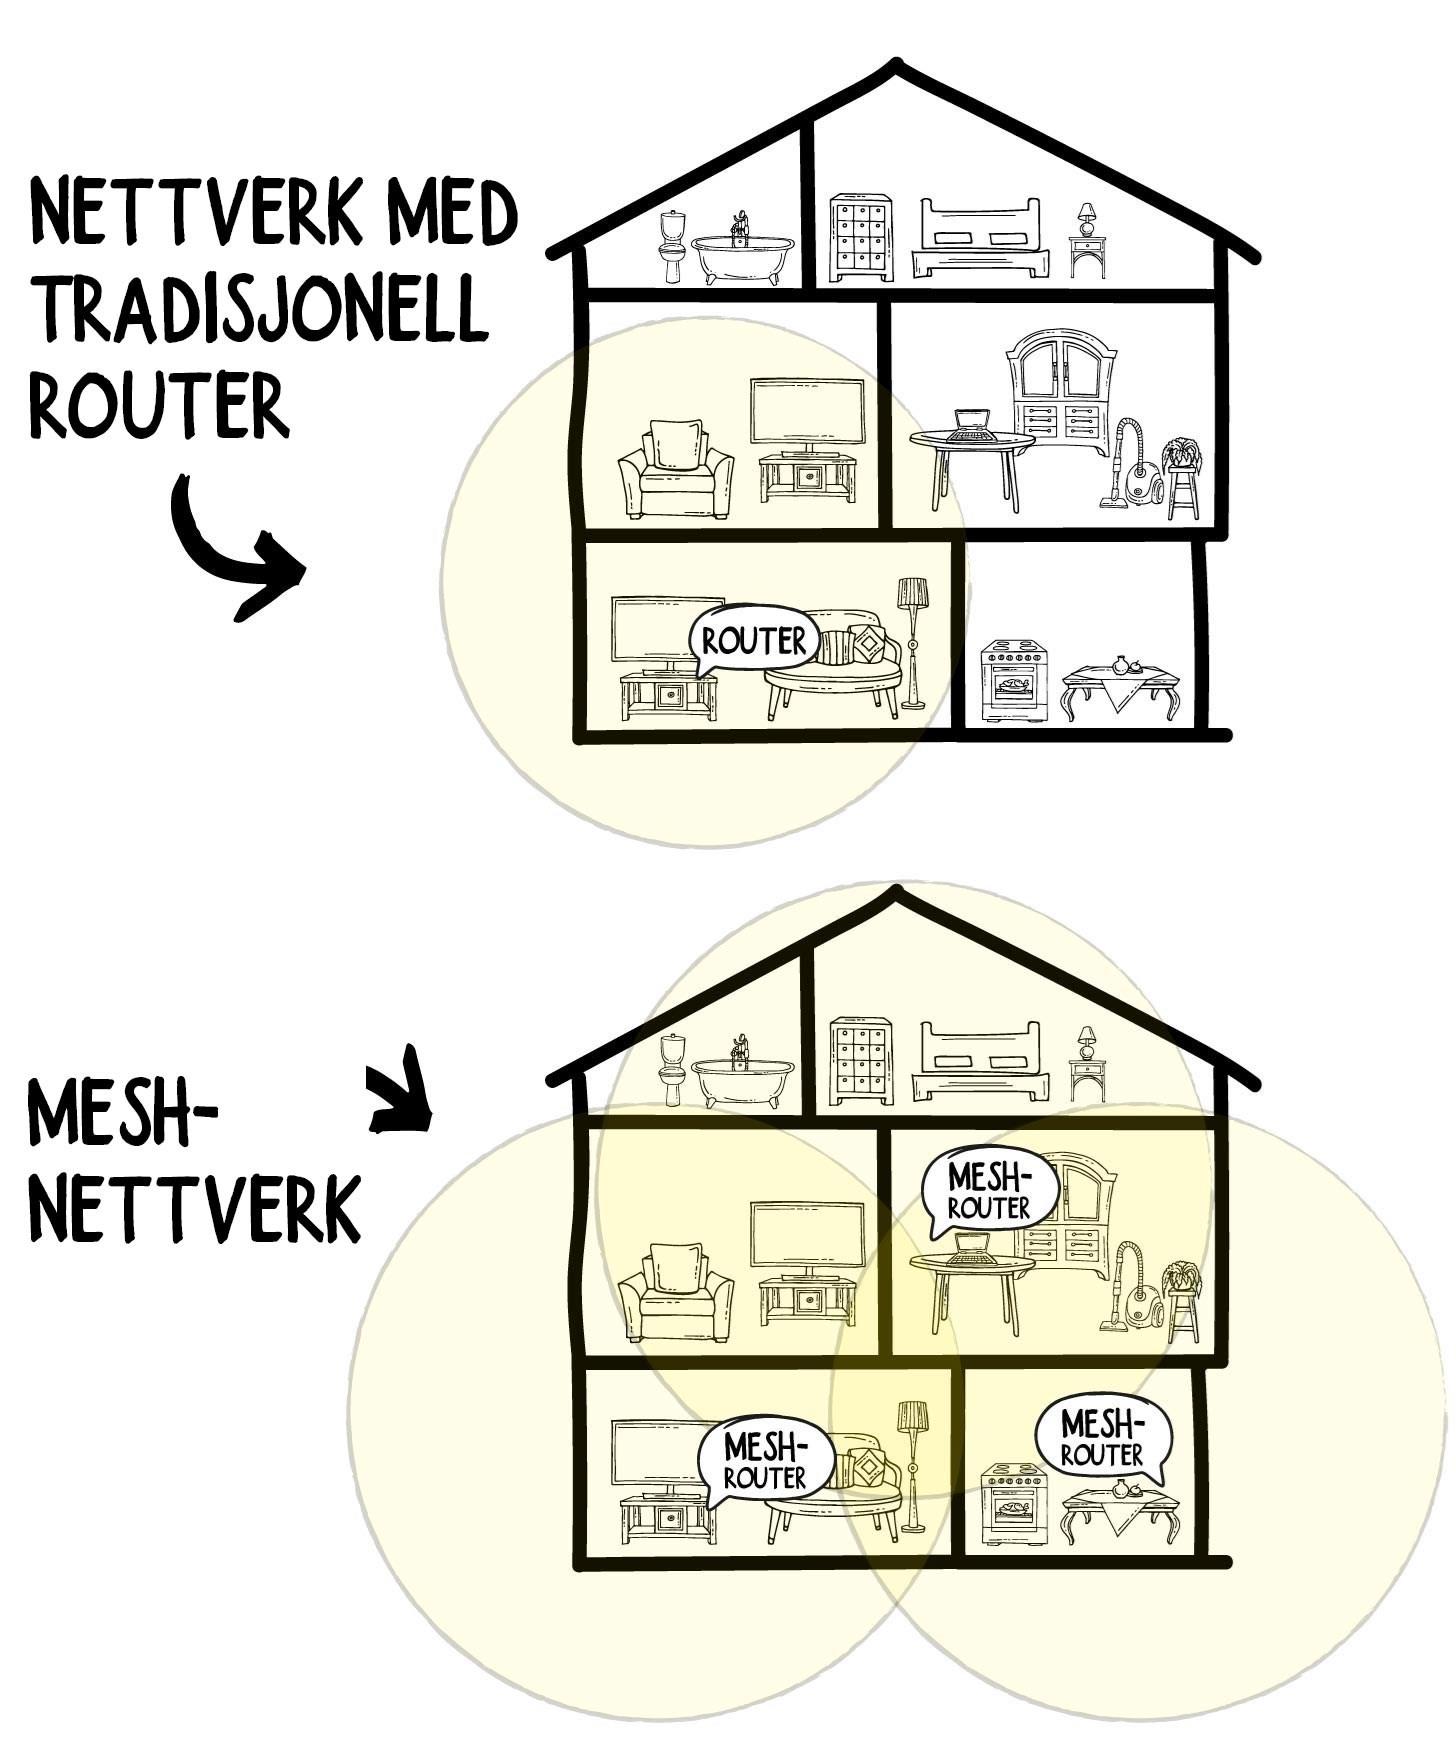 Mesh-nettverk